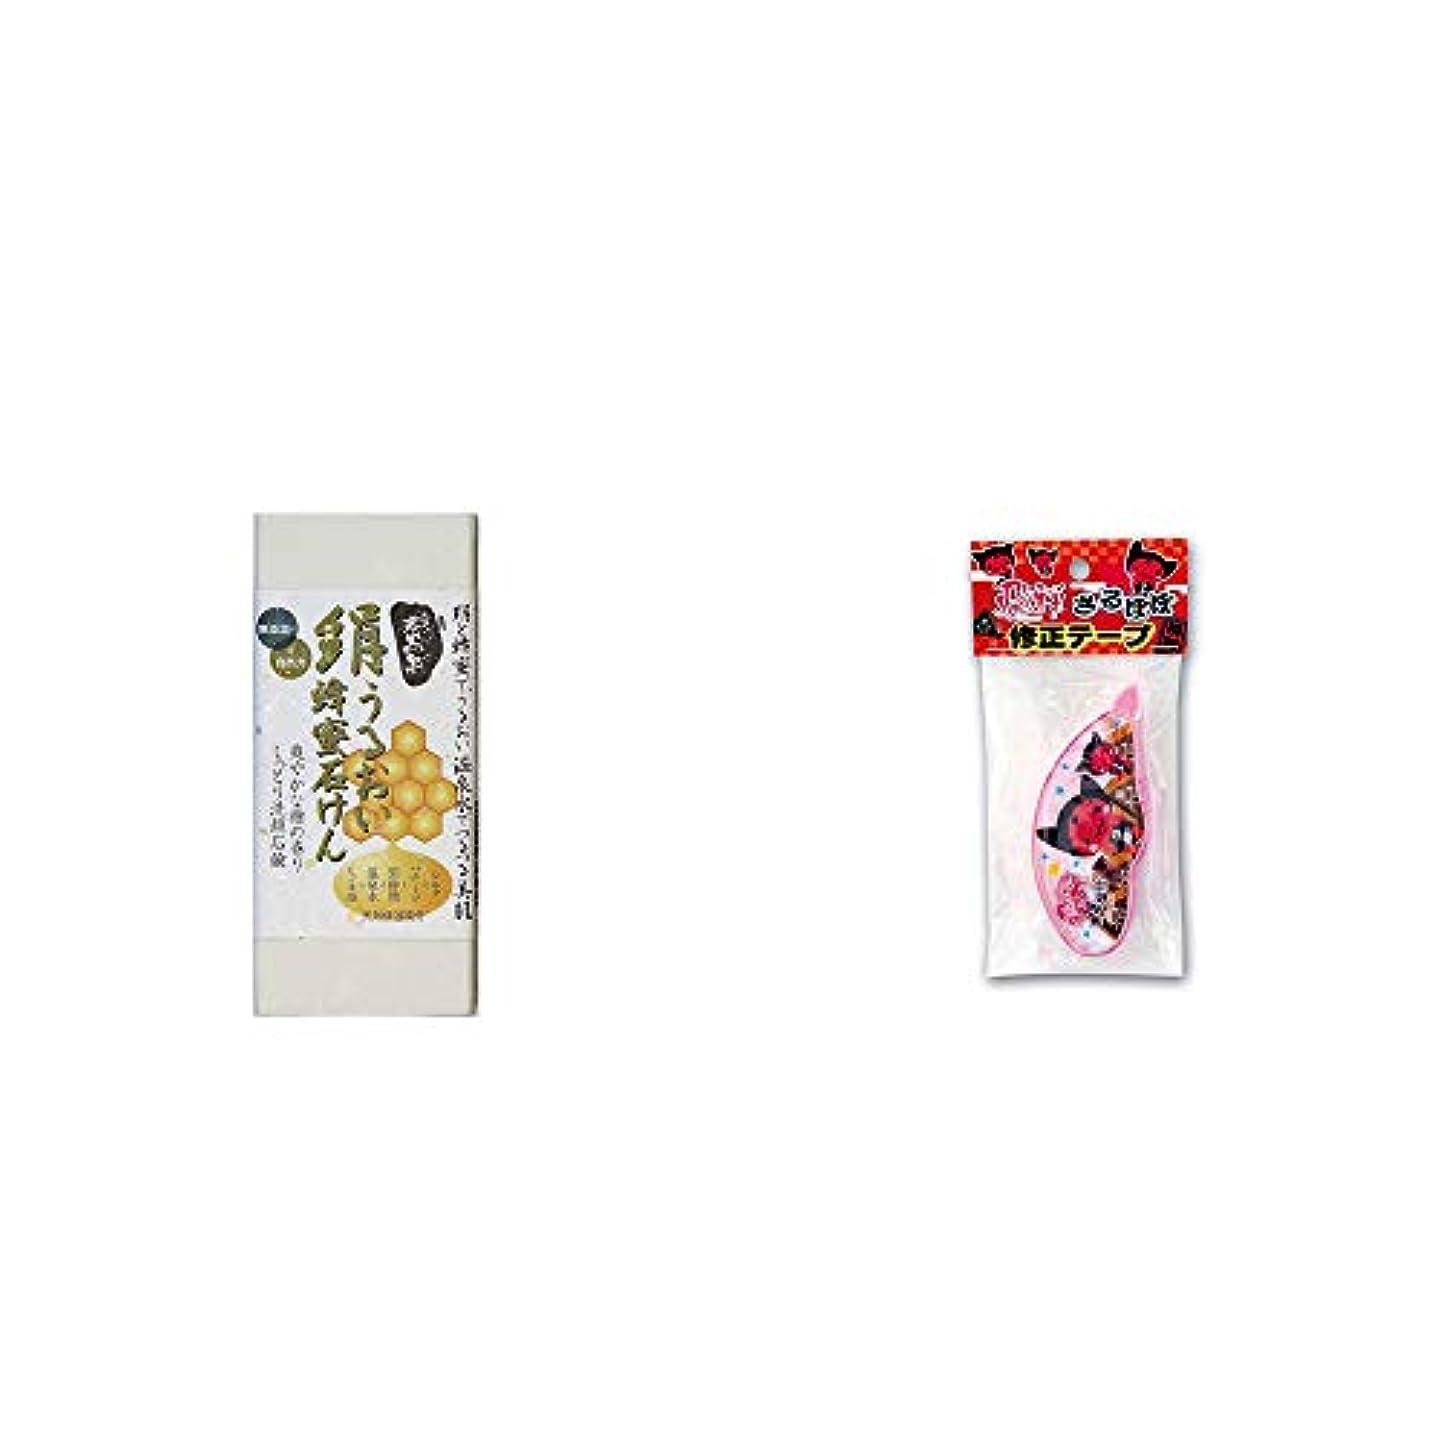 基礎リベラルドライブ[2点セット] ひのき炭黒泉 絹うるおい蜂蜜石けん(75g×2)?さるぼぼ 修正テープ【ブルー】